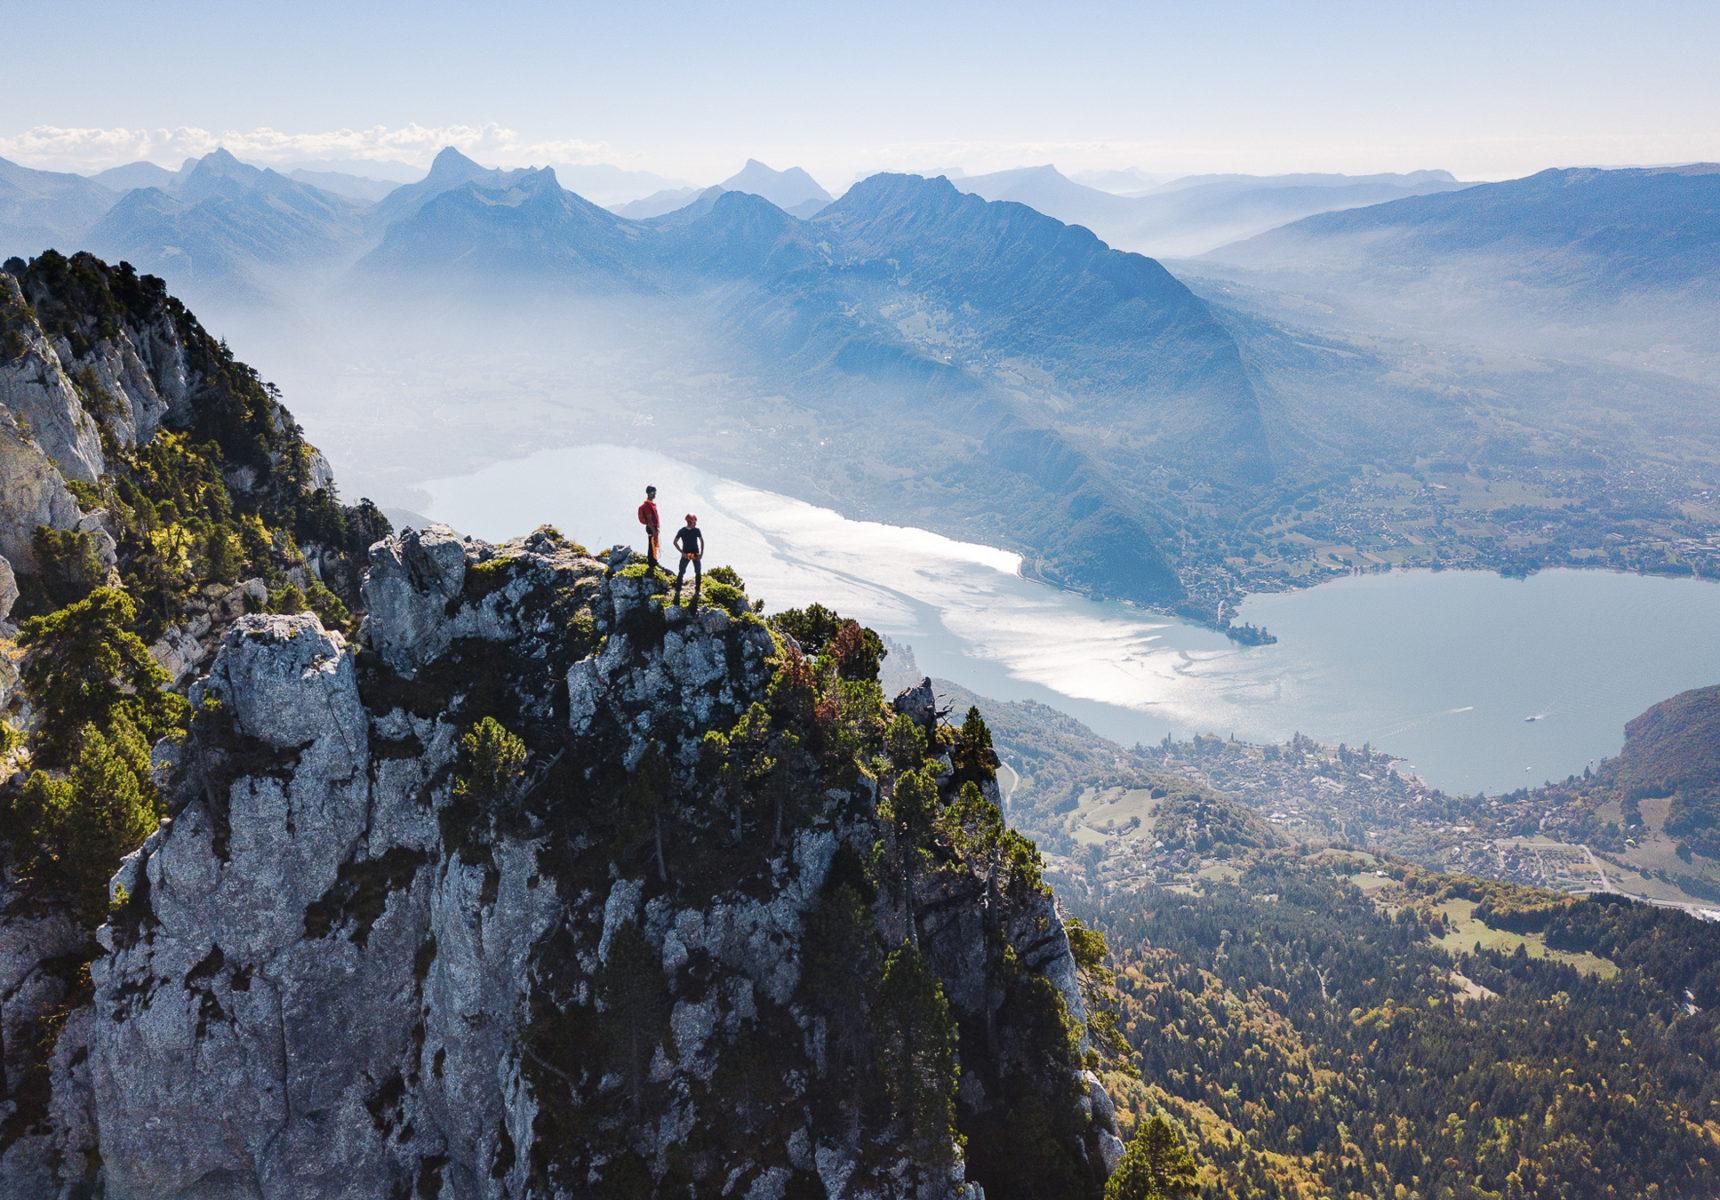 Vue du lac D'Annecy depuis les Dents de Lanfon